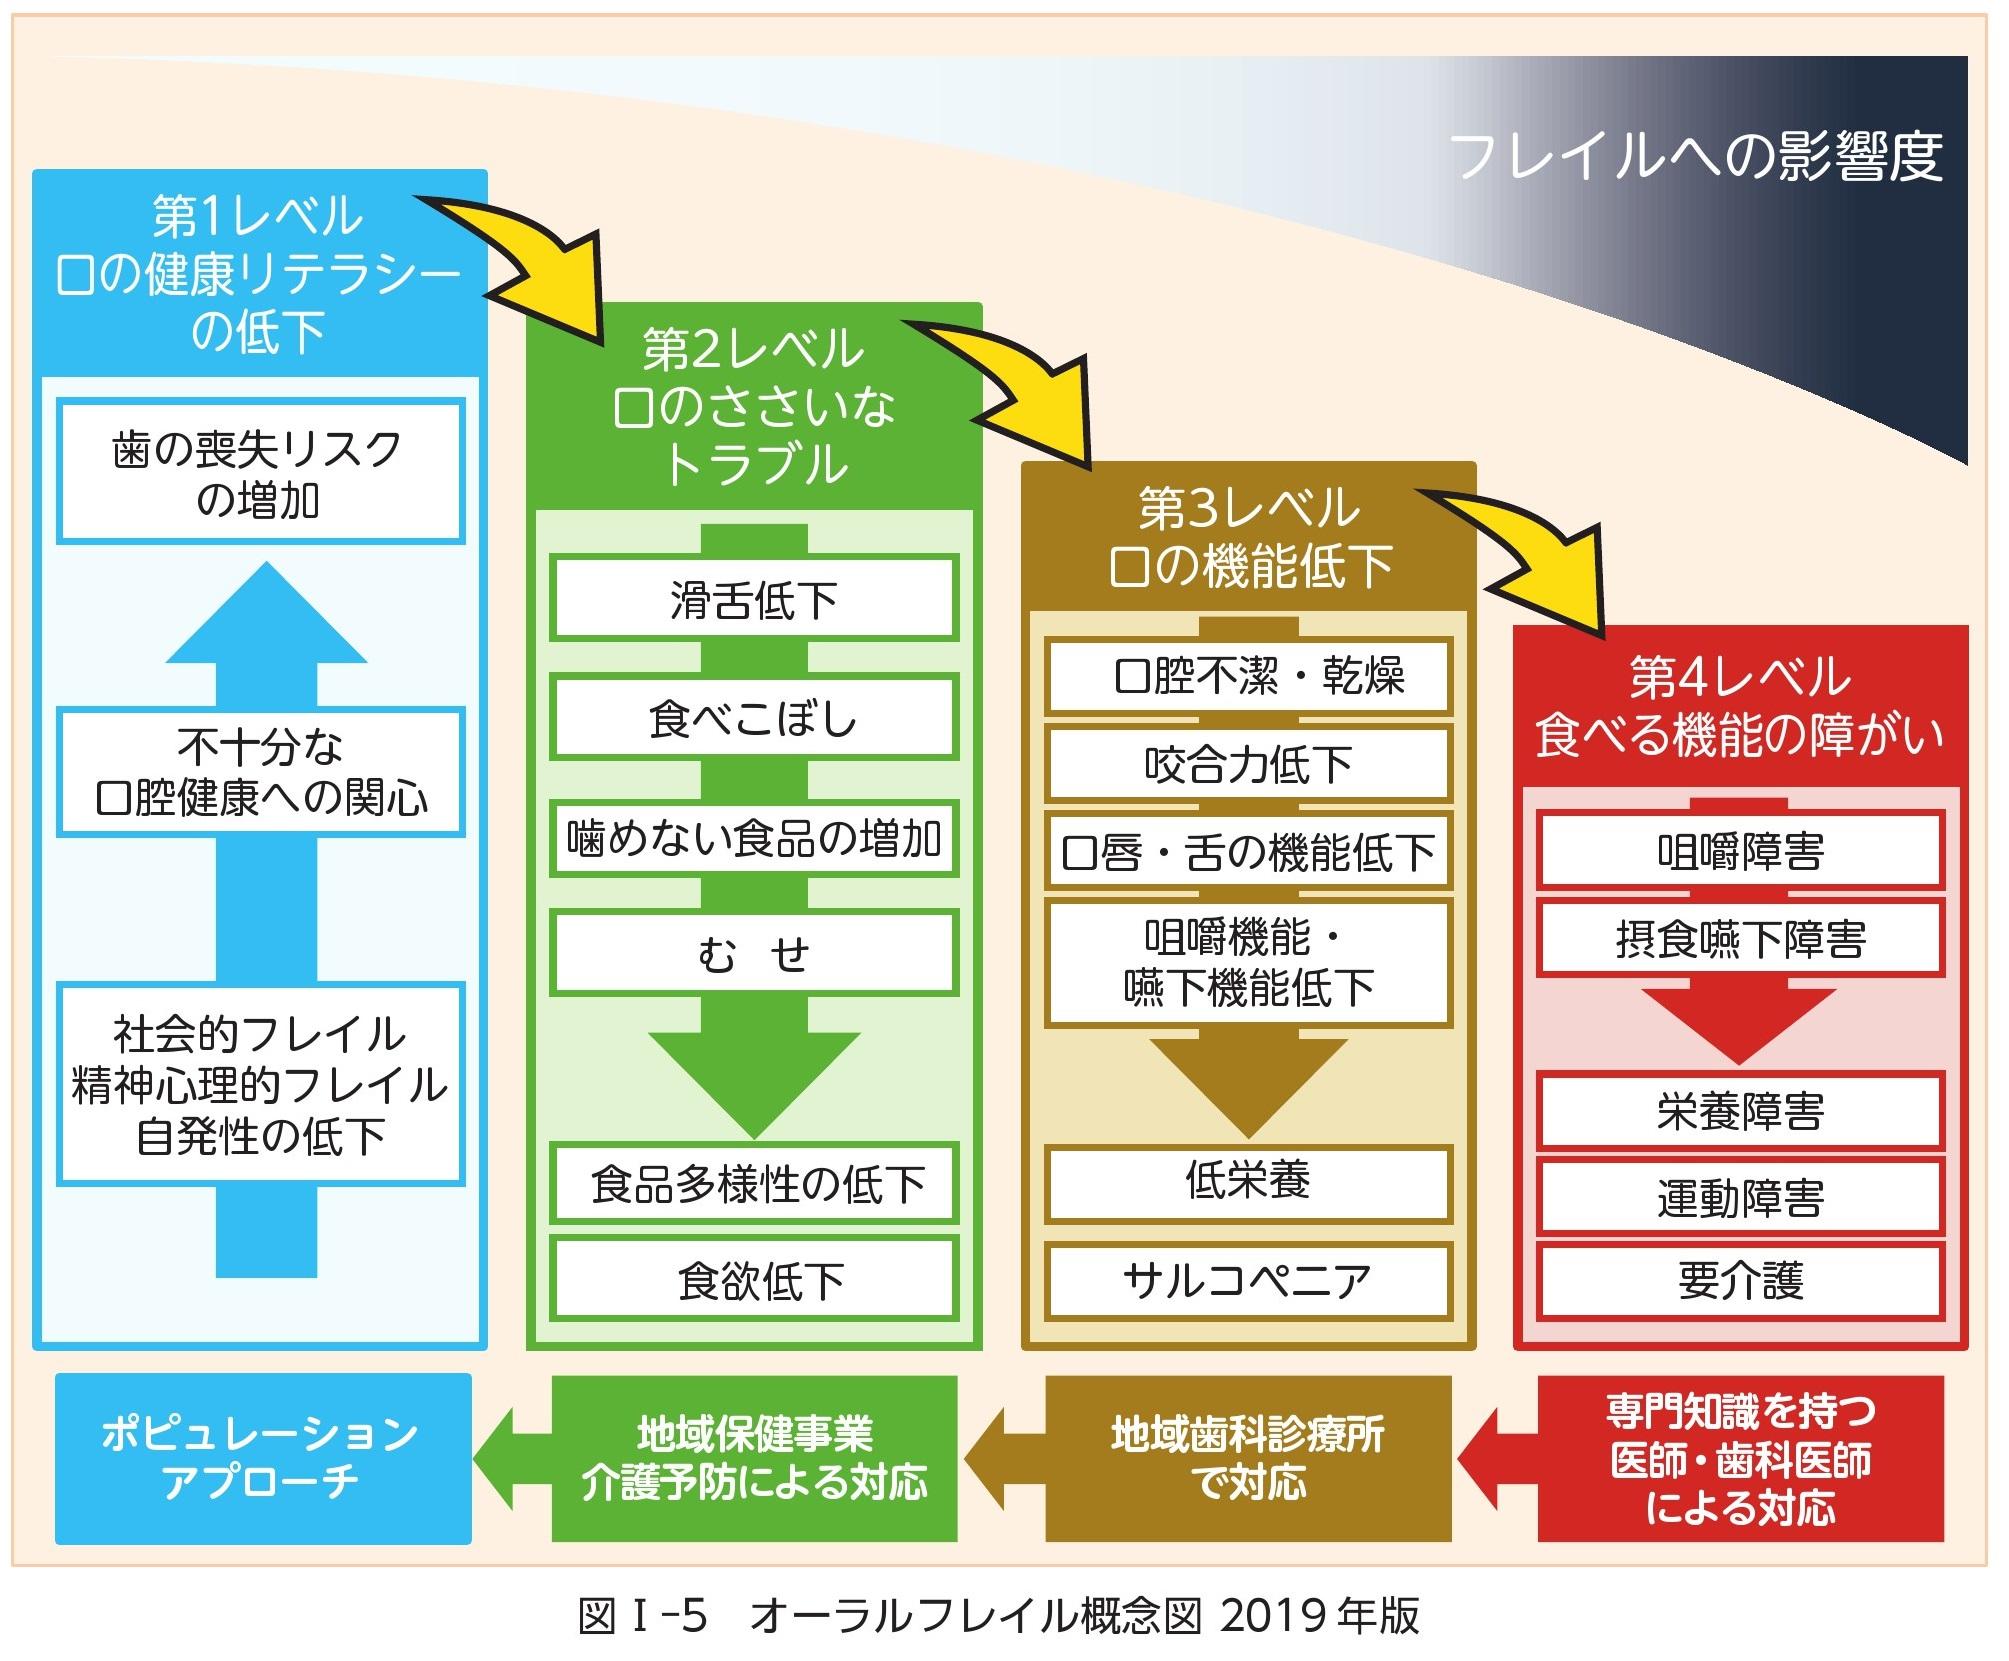 オーラルフレイル概念図